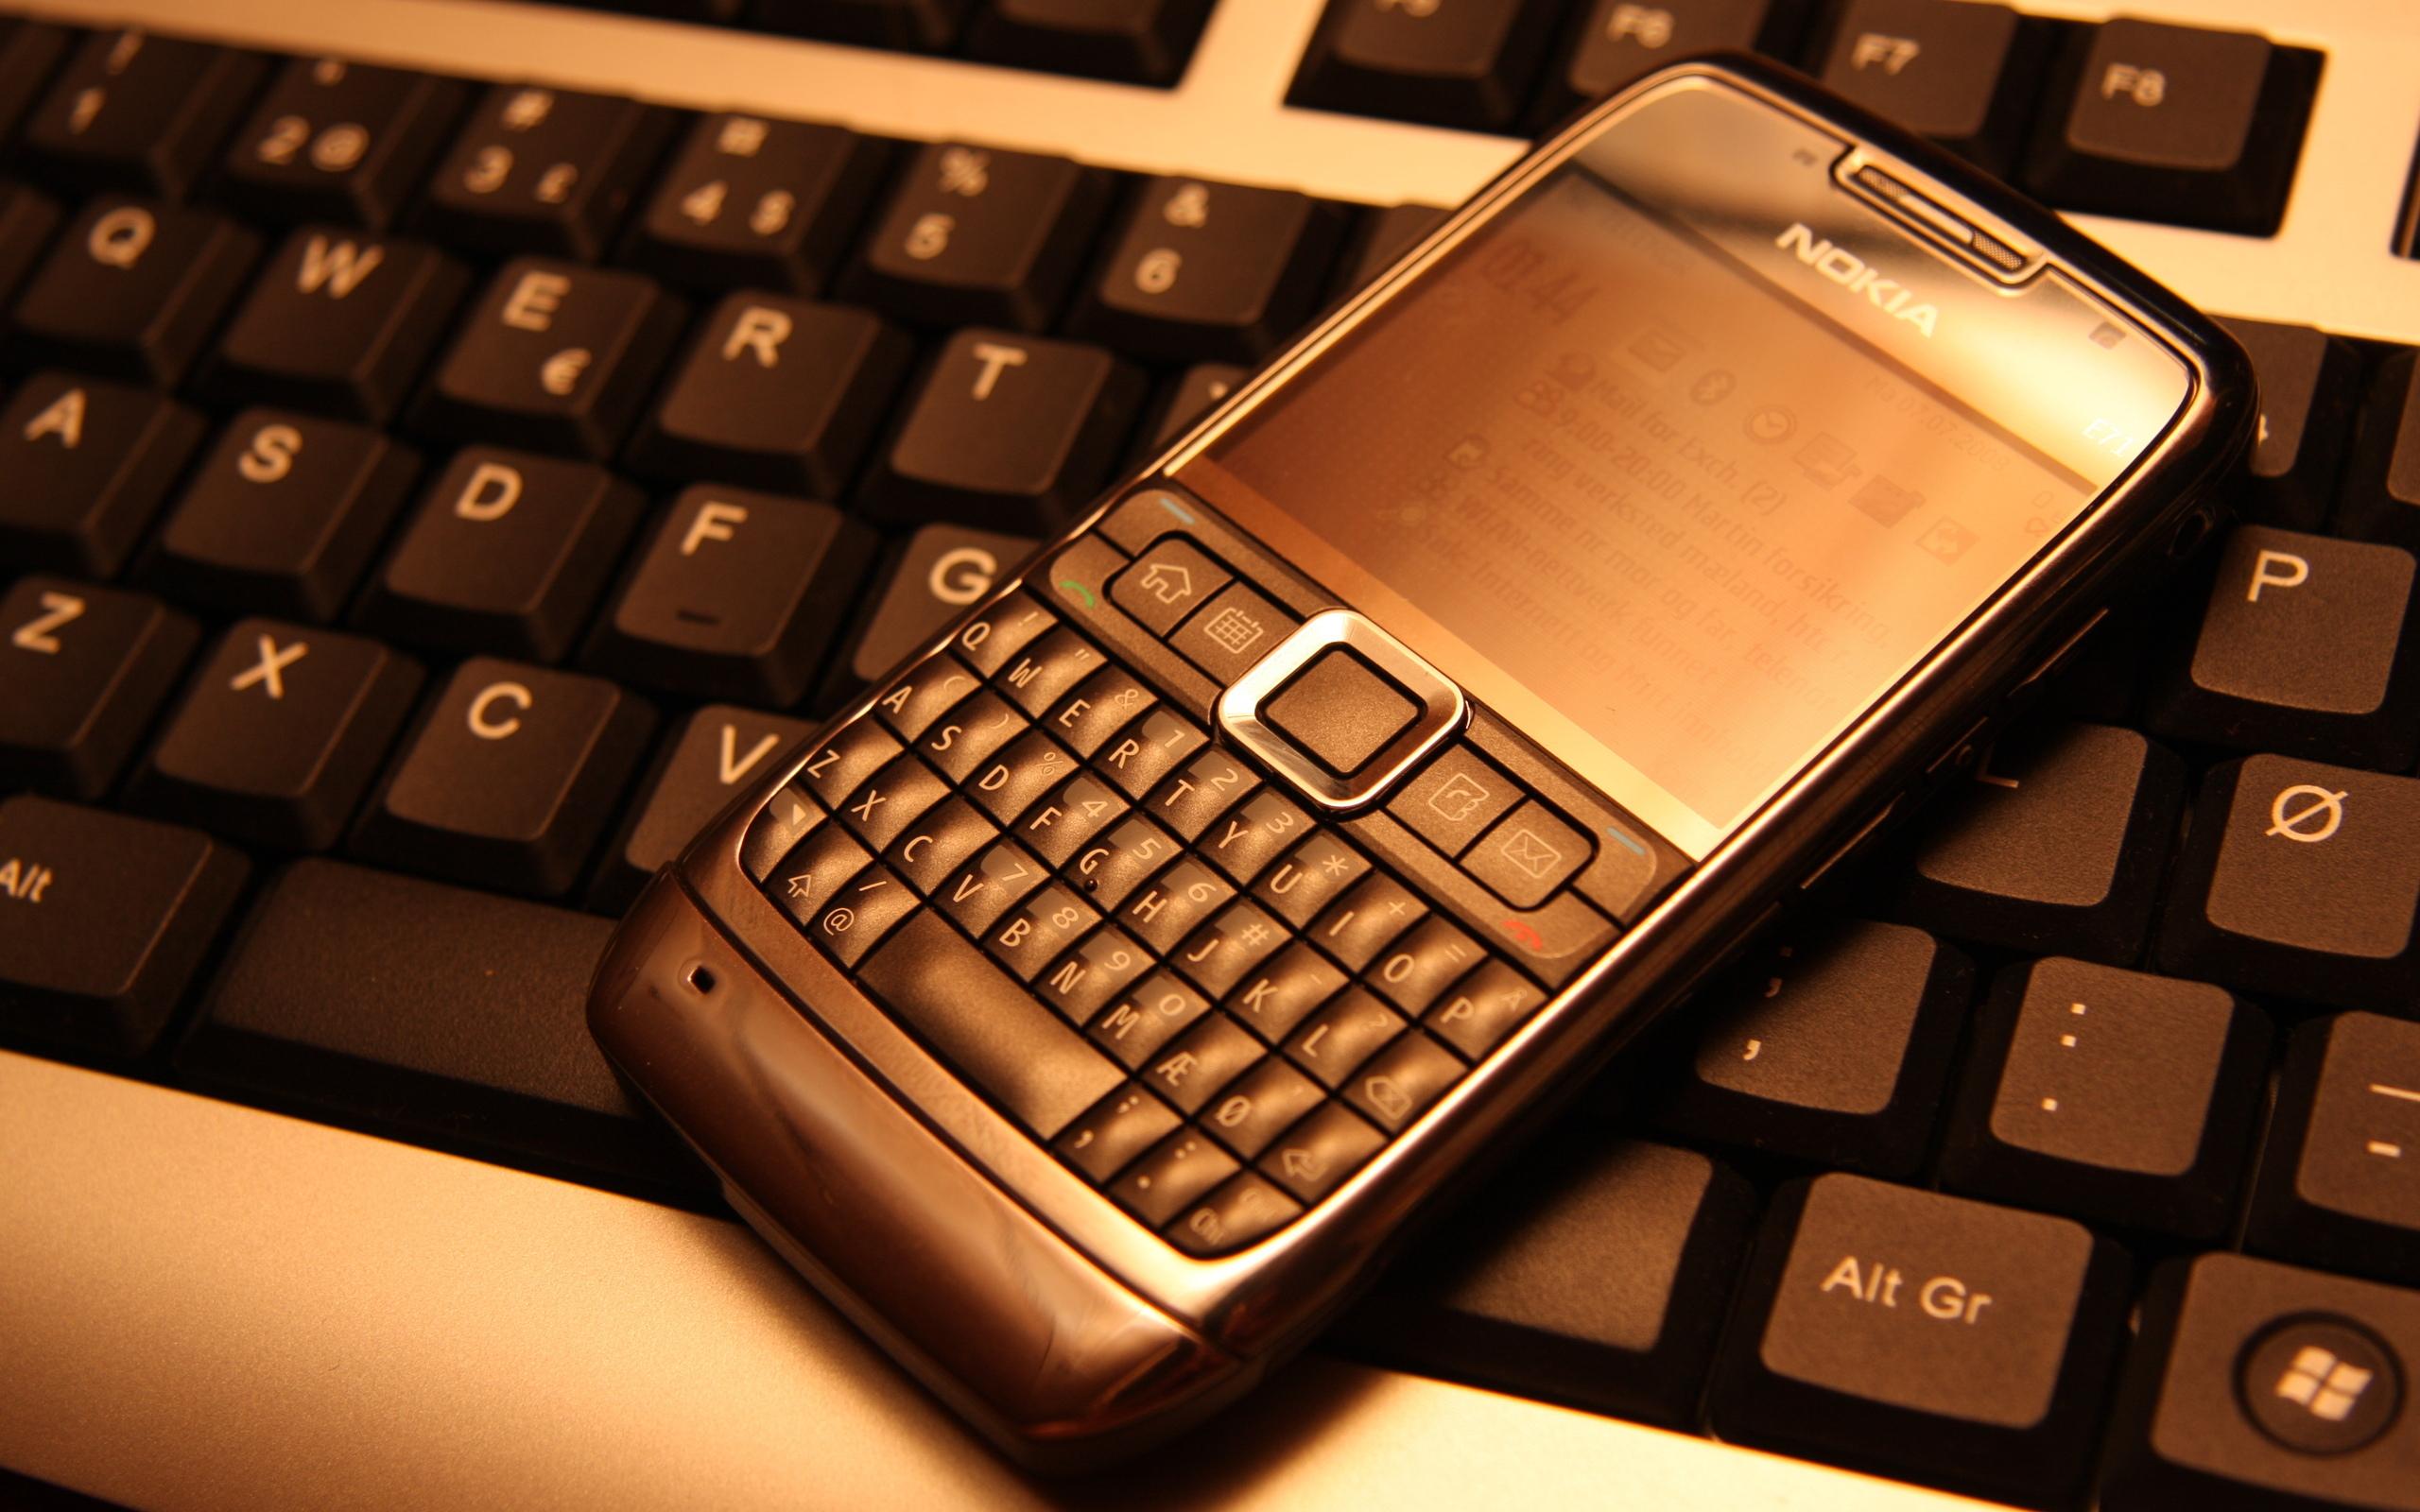 Nokia phone photos to pc